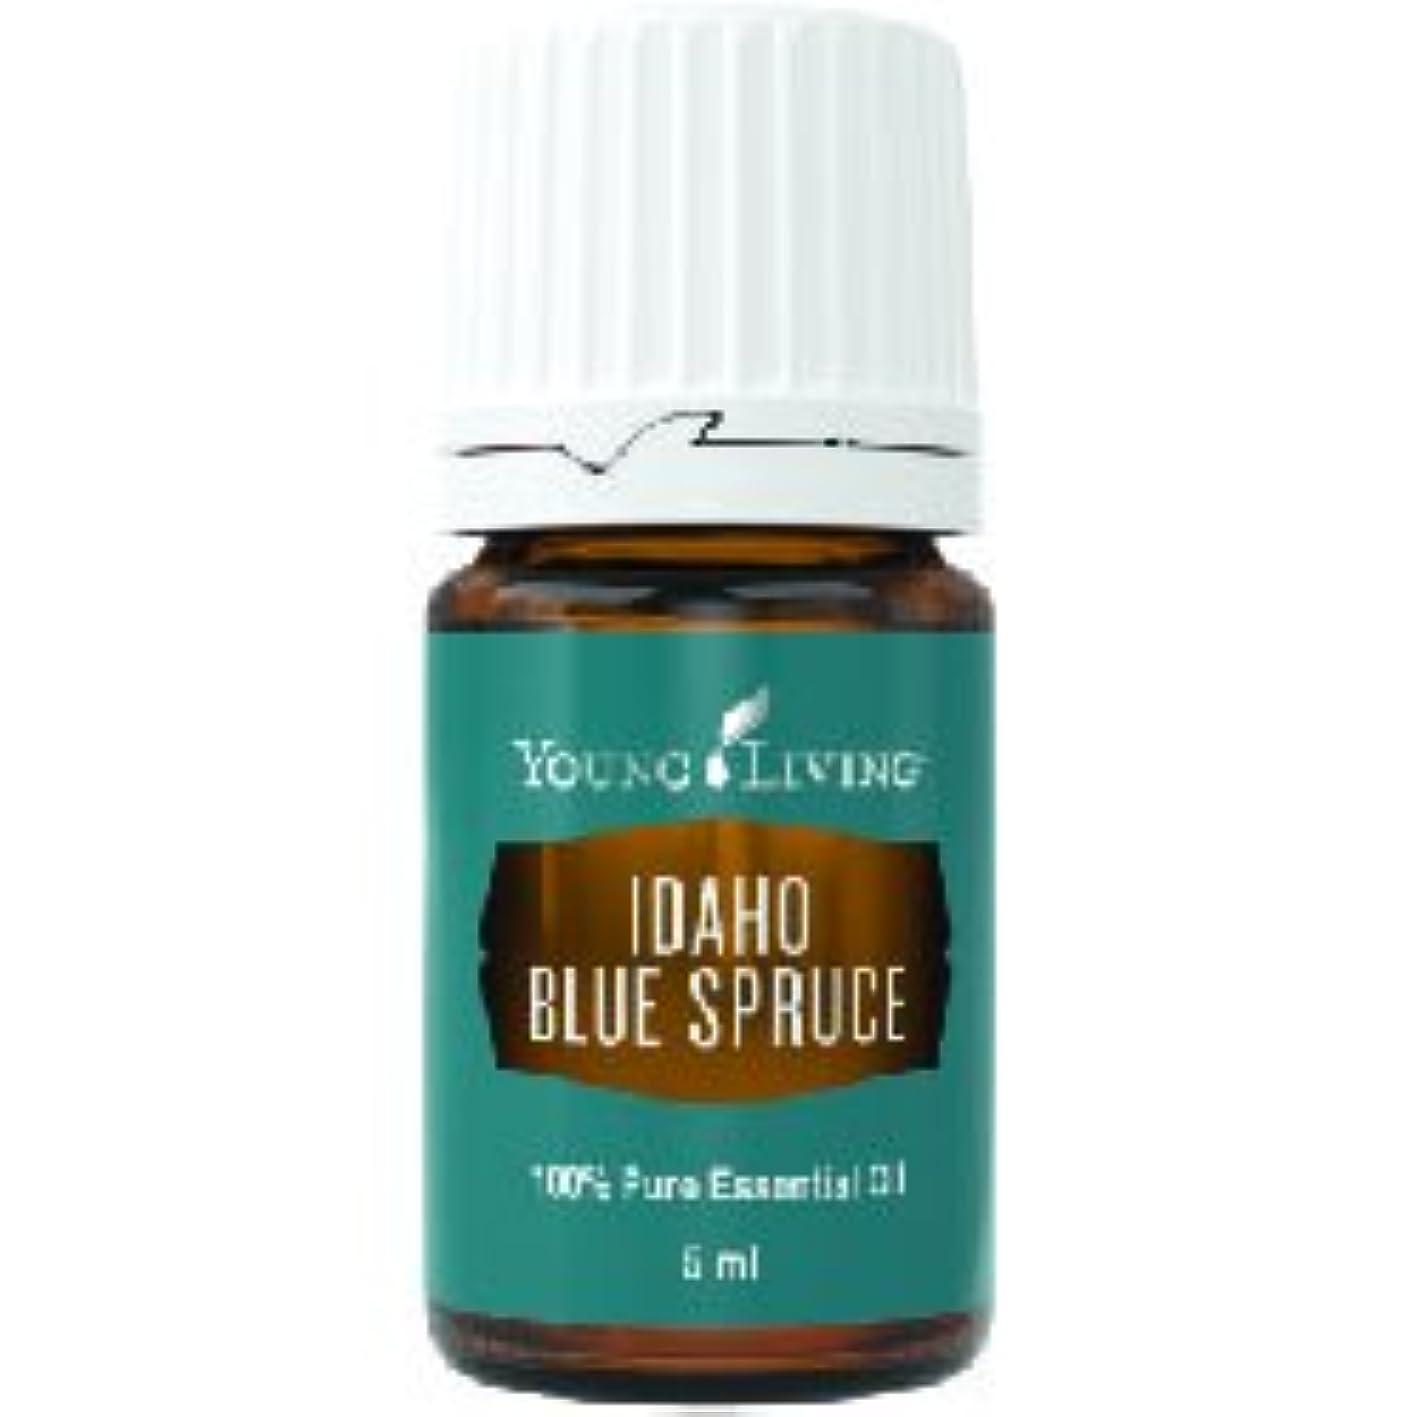 しなければならない彼女文字通りアイダホブルースプルースエッセンシャルオイル5ml by Young Livingエッセンシャルオイルマレーシア Idaho Blue Spruce Essential Oil 5ml by Young Living Essential...